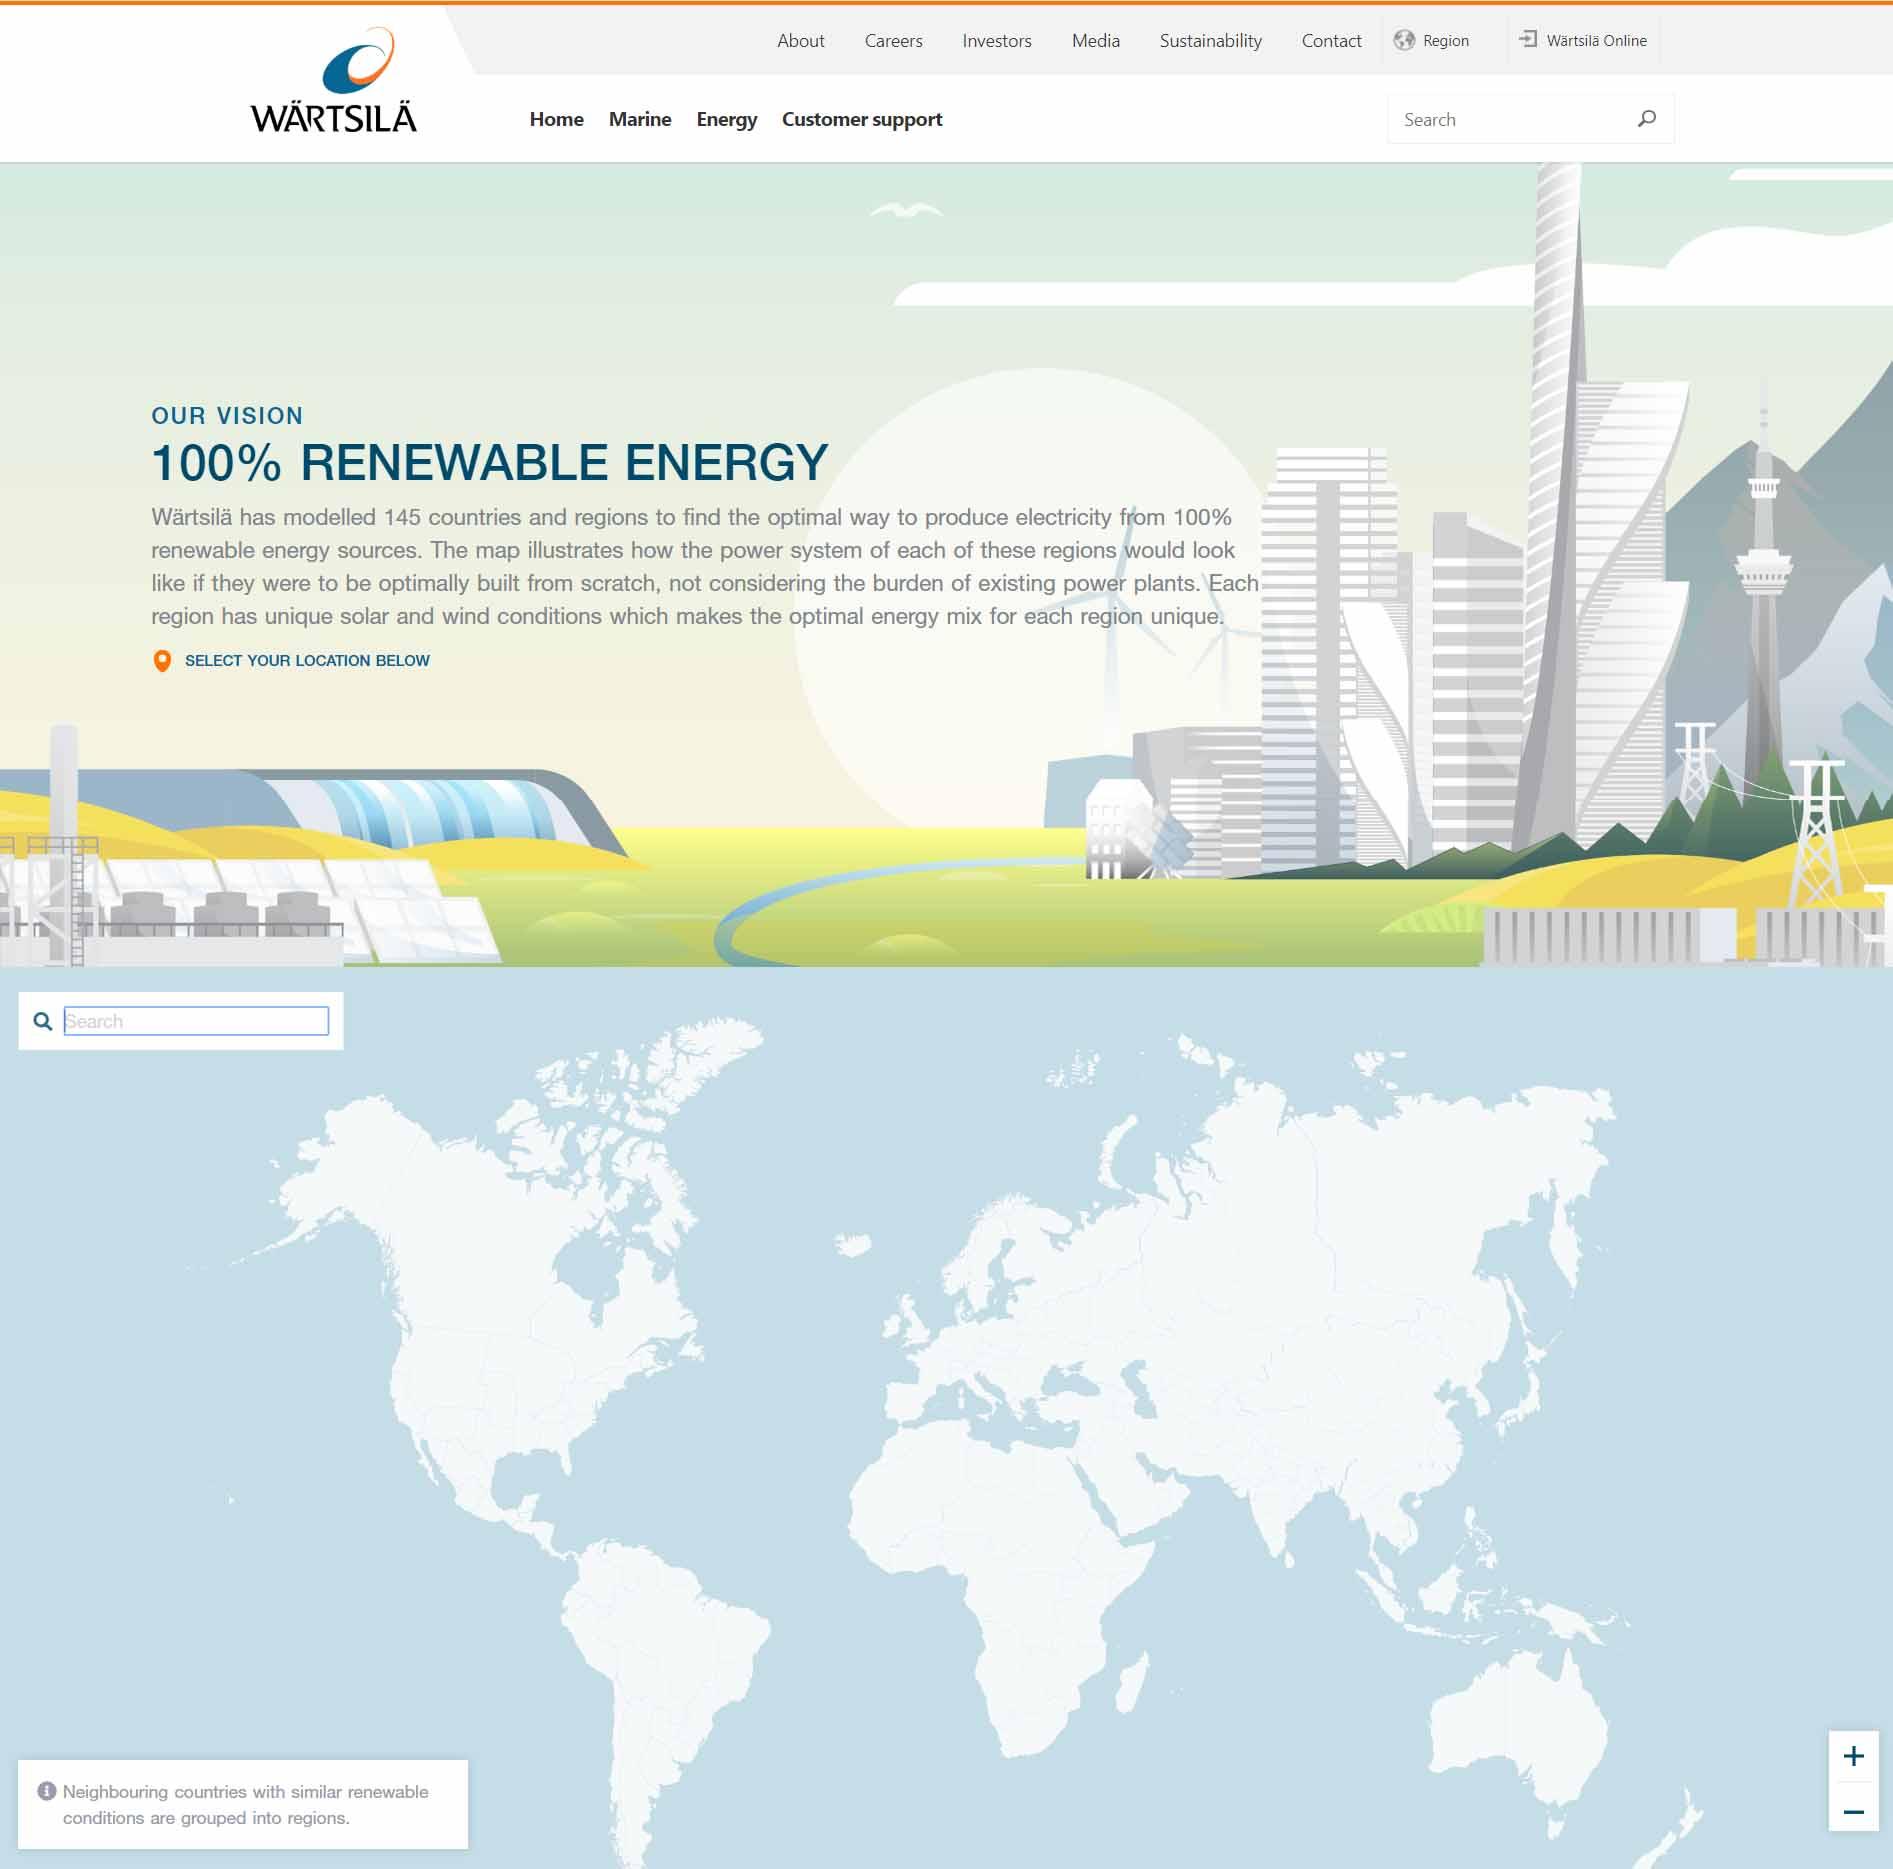 Wärtsilä atlas of 100% renewable energy